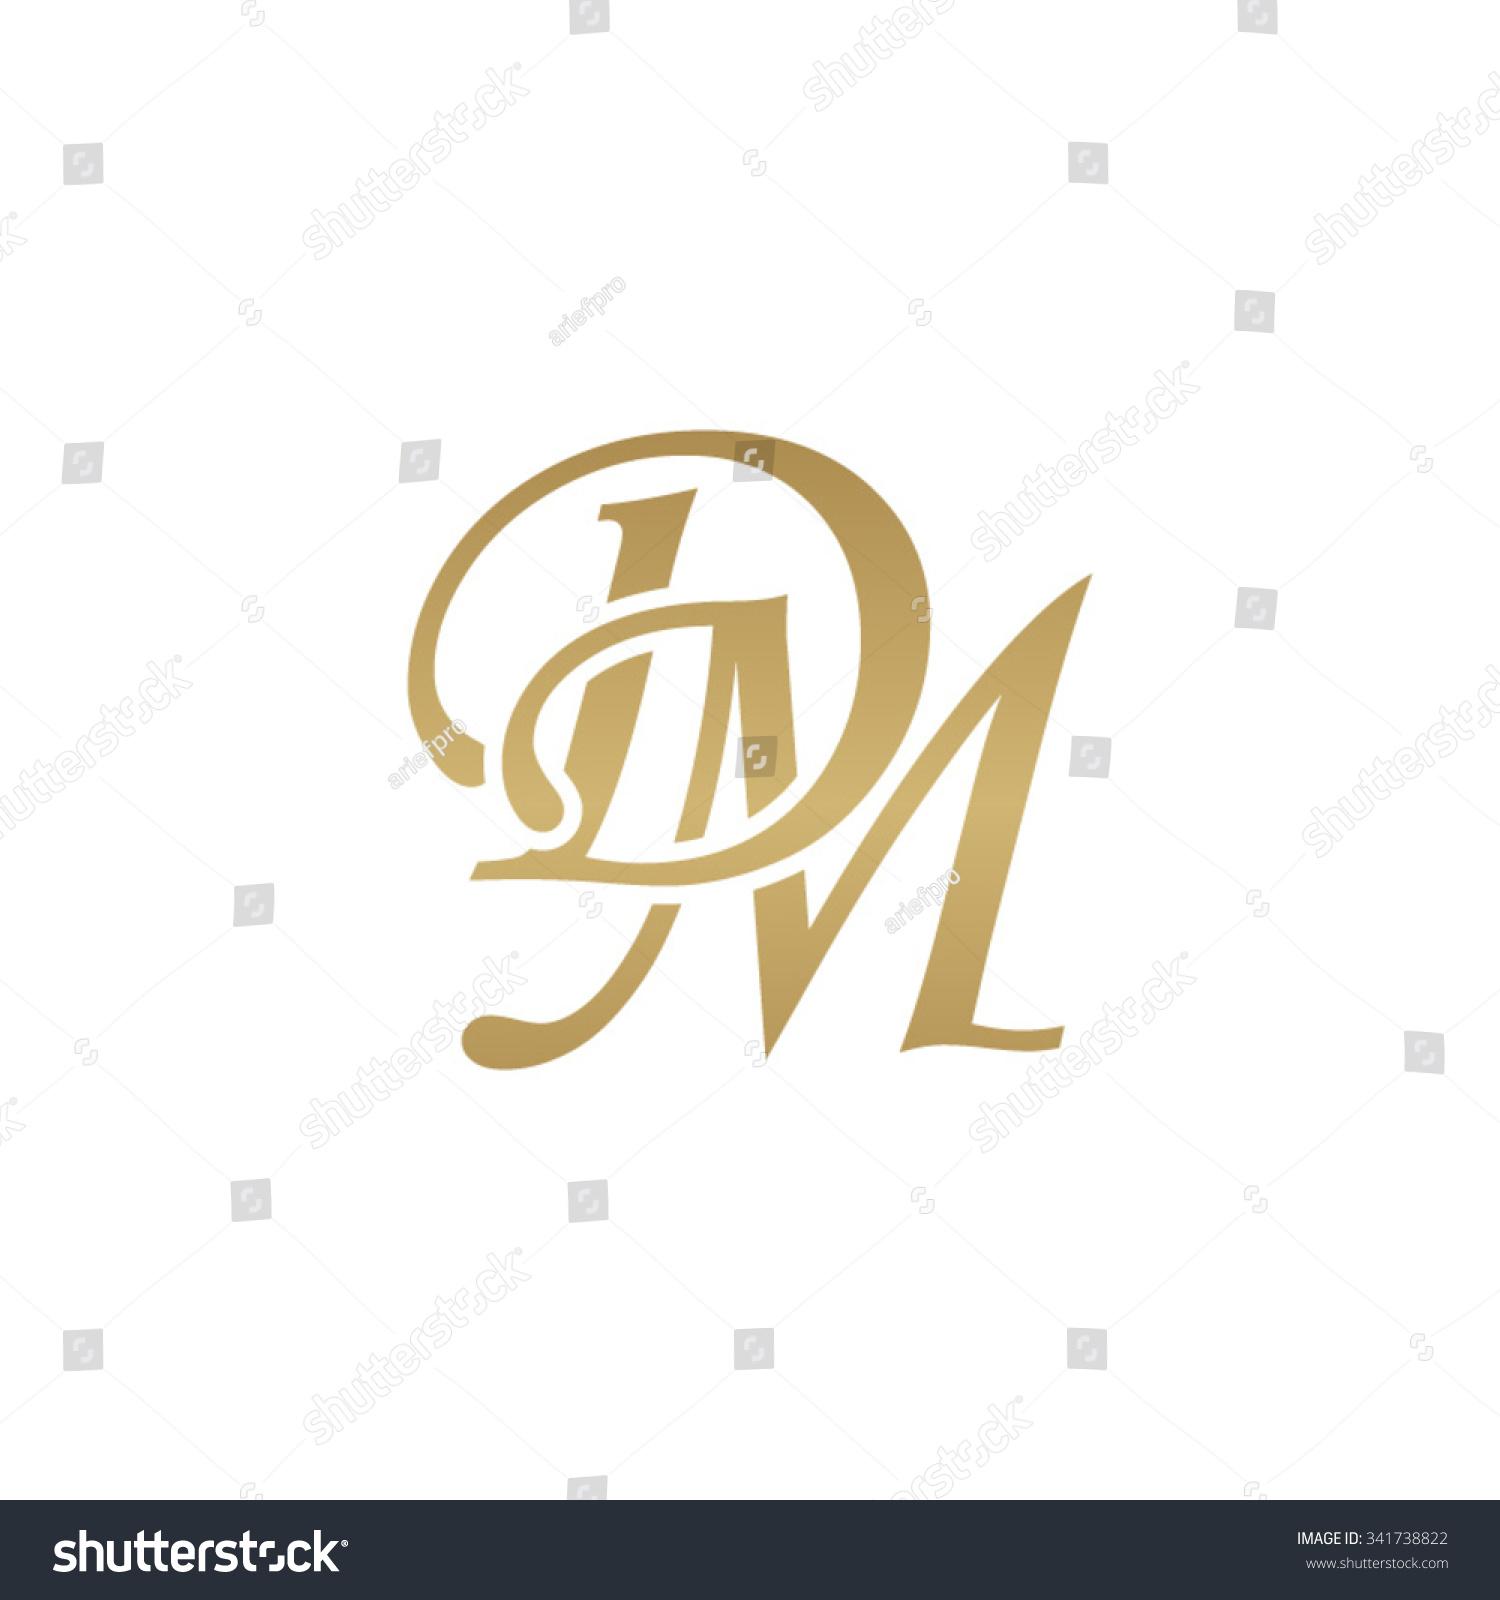 stock-vector-dm-initial-monogram-logo-341738822 Vintage Monogram Letter D Template on printable monogram letter template, 3 letter monogram template, letter w template, monogram heart template, monogram art template, letter z template, vintage letter d template, letter e template,